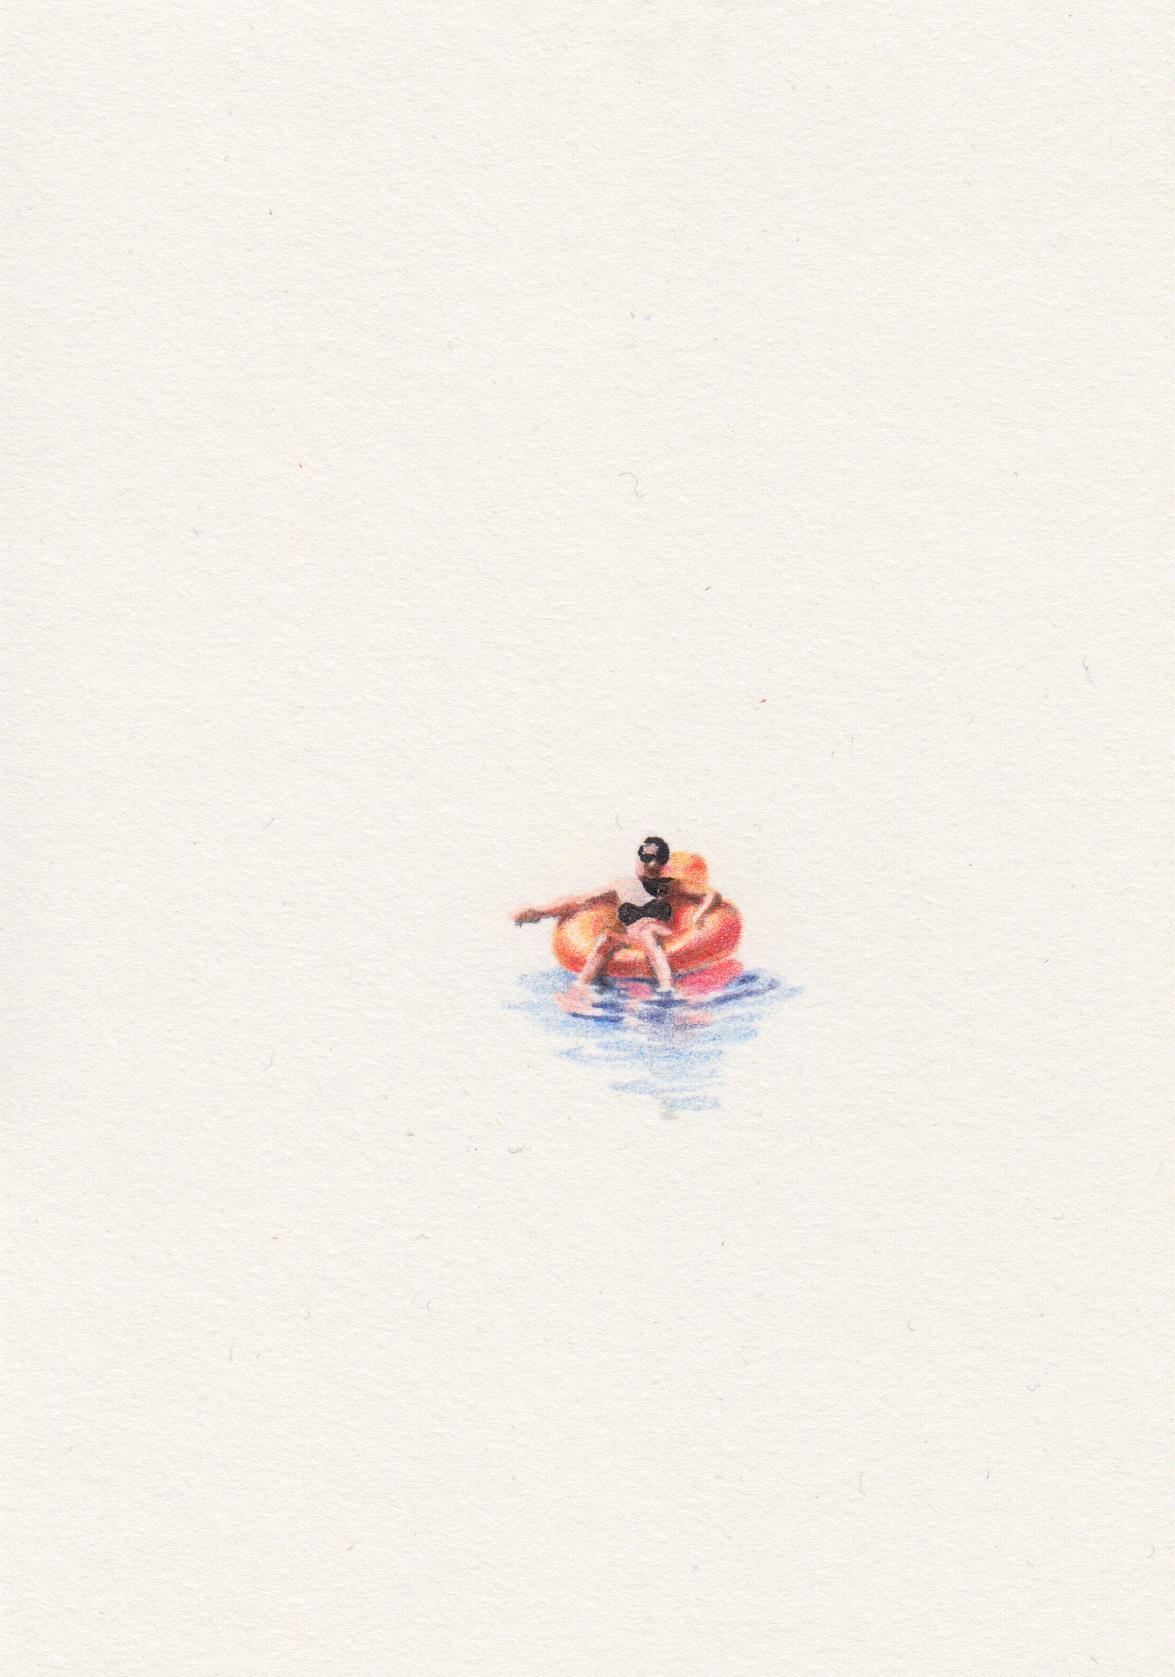 Loveblood Creative- Alexandre Luu - Elise (My Summer on Tinder).jpg